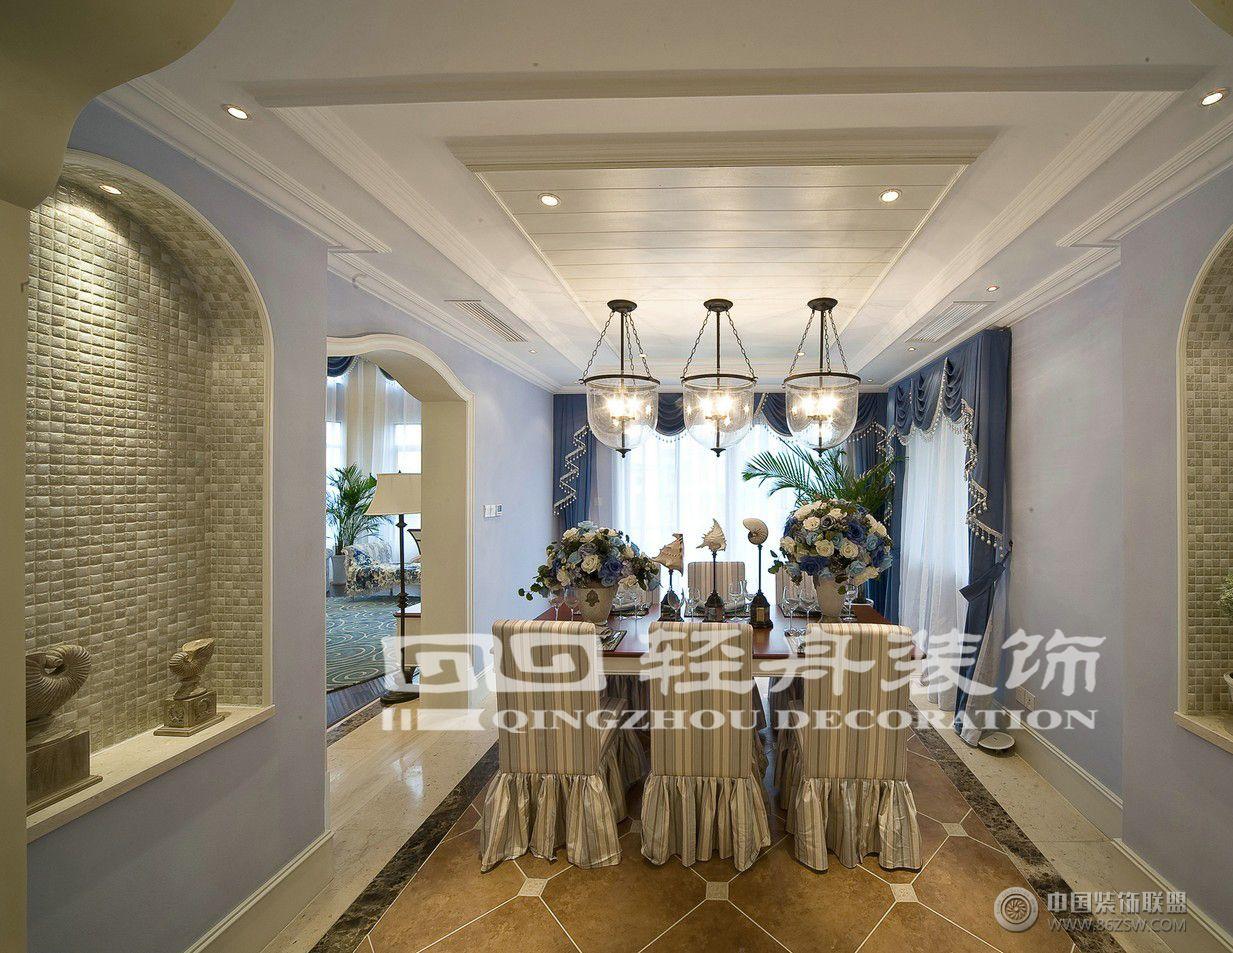 设计理念: 设计概念 1浪漫的地中海风格带给人无数的遐想,尤其在夏日里,地中海风格的家还给人清凉的诱惑,如何打造一款浪漫美观的地中海风格家呢?小编教你营造夏日浪漫地中海风格的全攻略,让我们一起来营造海天一色的蓝白清凉空间 2亮色系的客厅家具颜色,在自然的光线下显得更有生气。